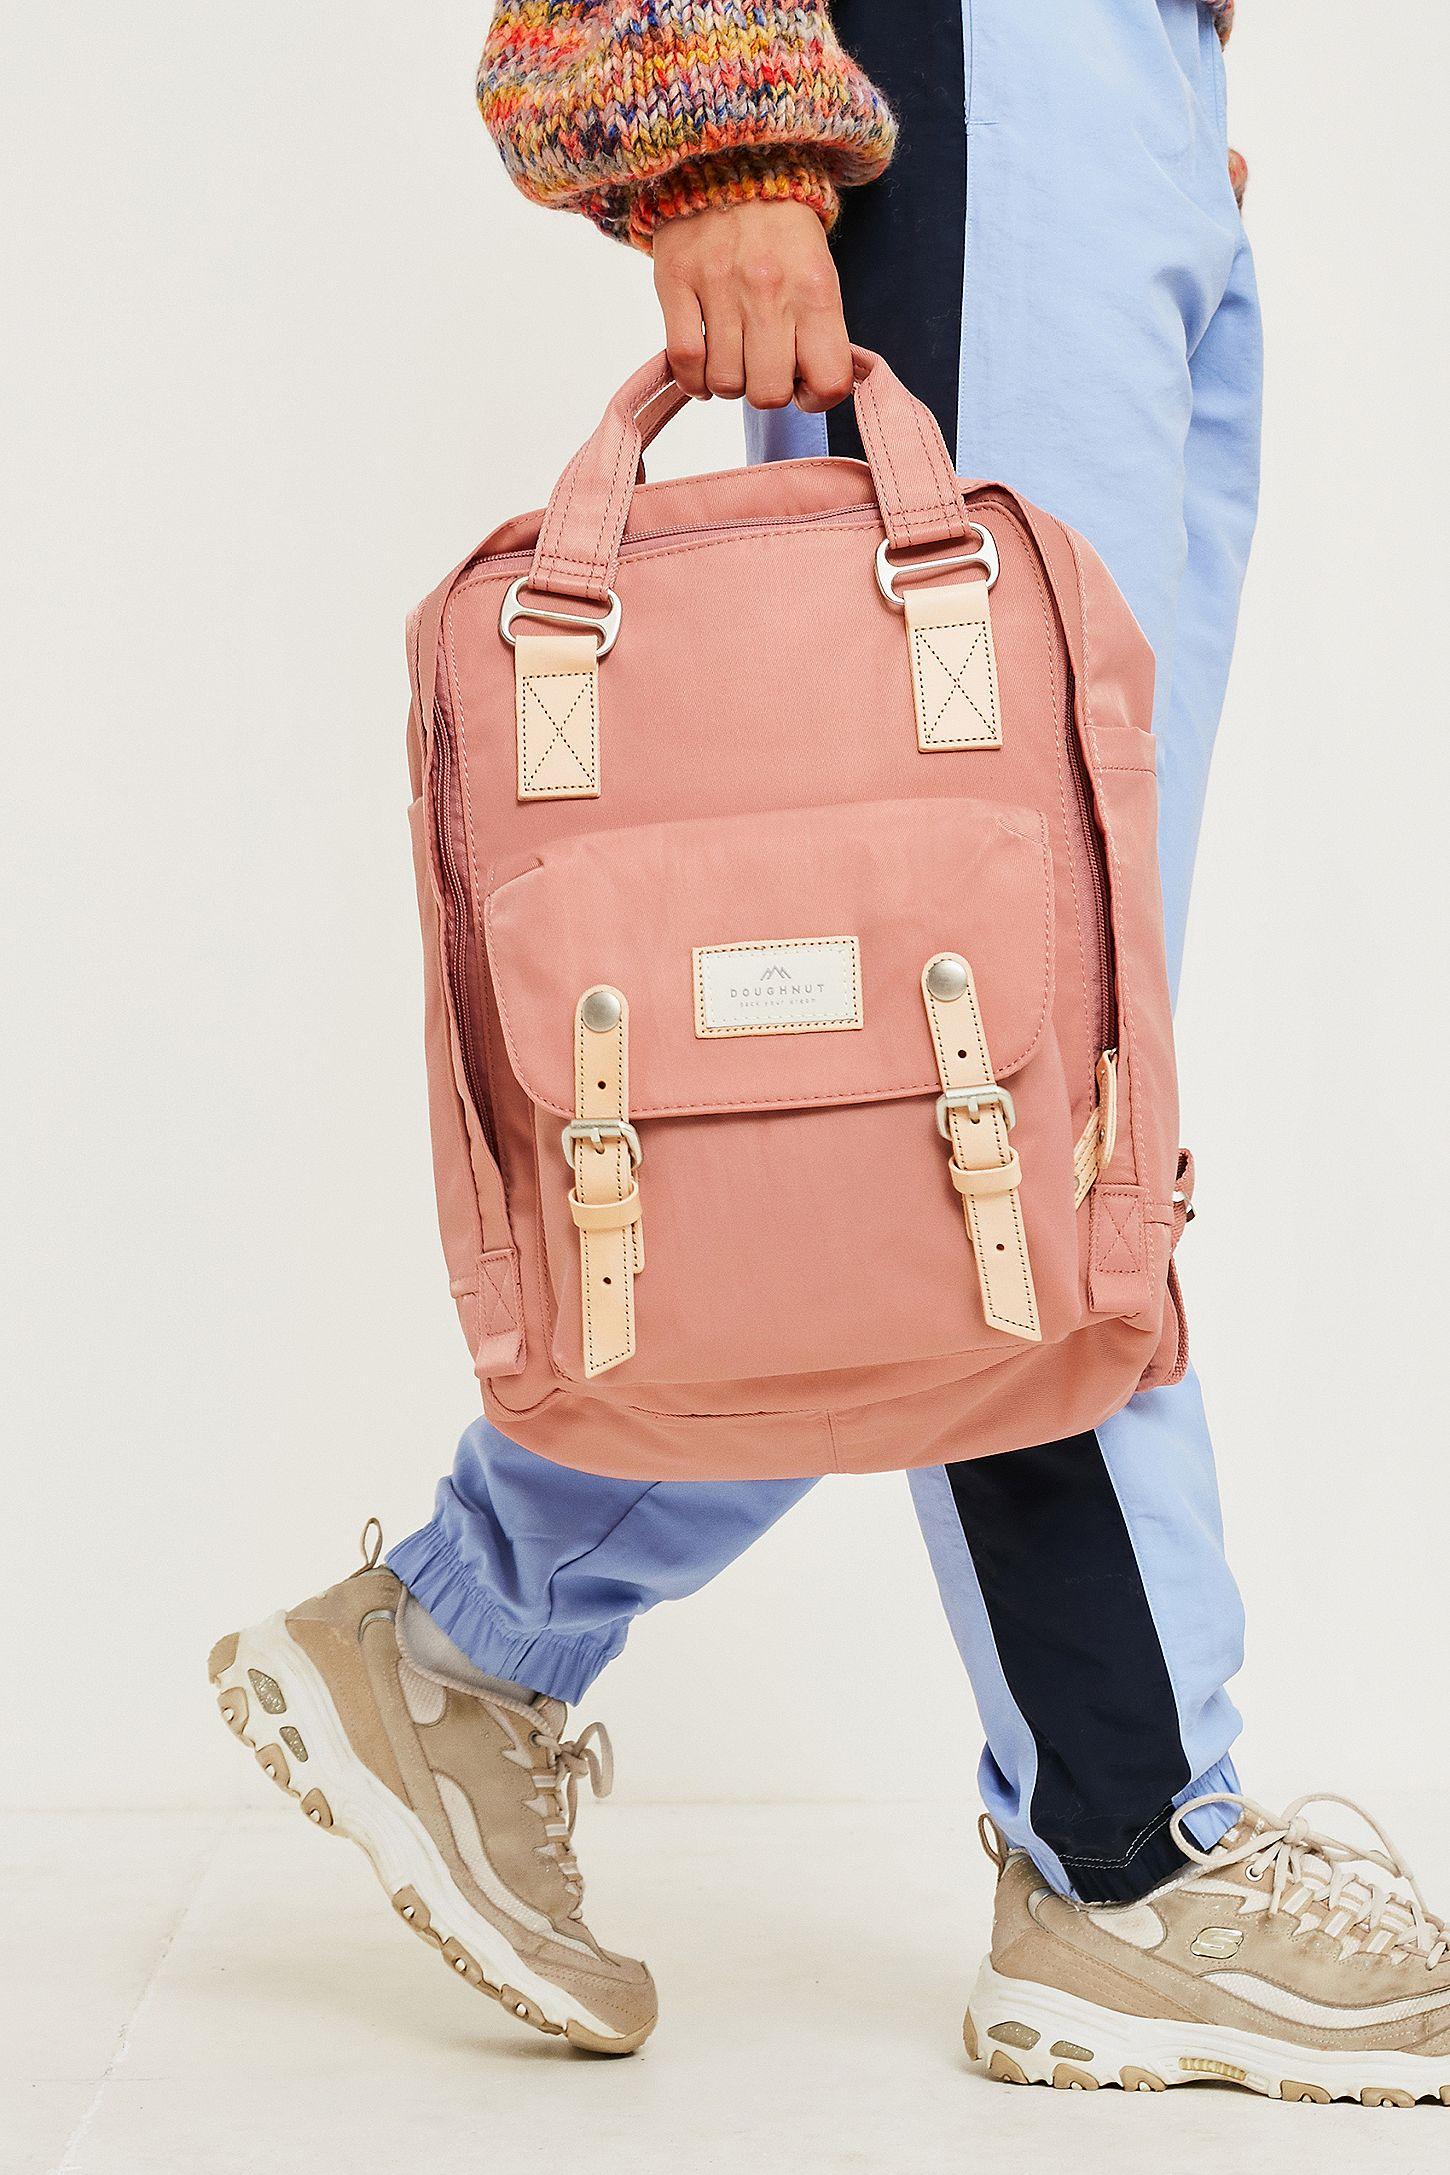 całkiem tania odebrać sprzedawca detaliczny Doughnut Macaroon Pink Backpack